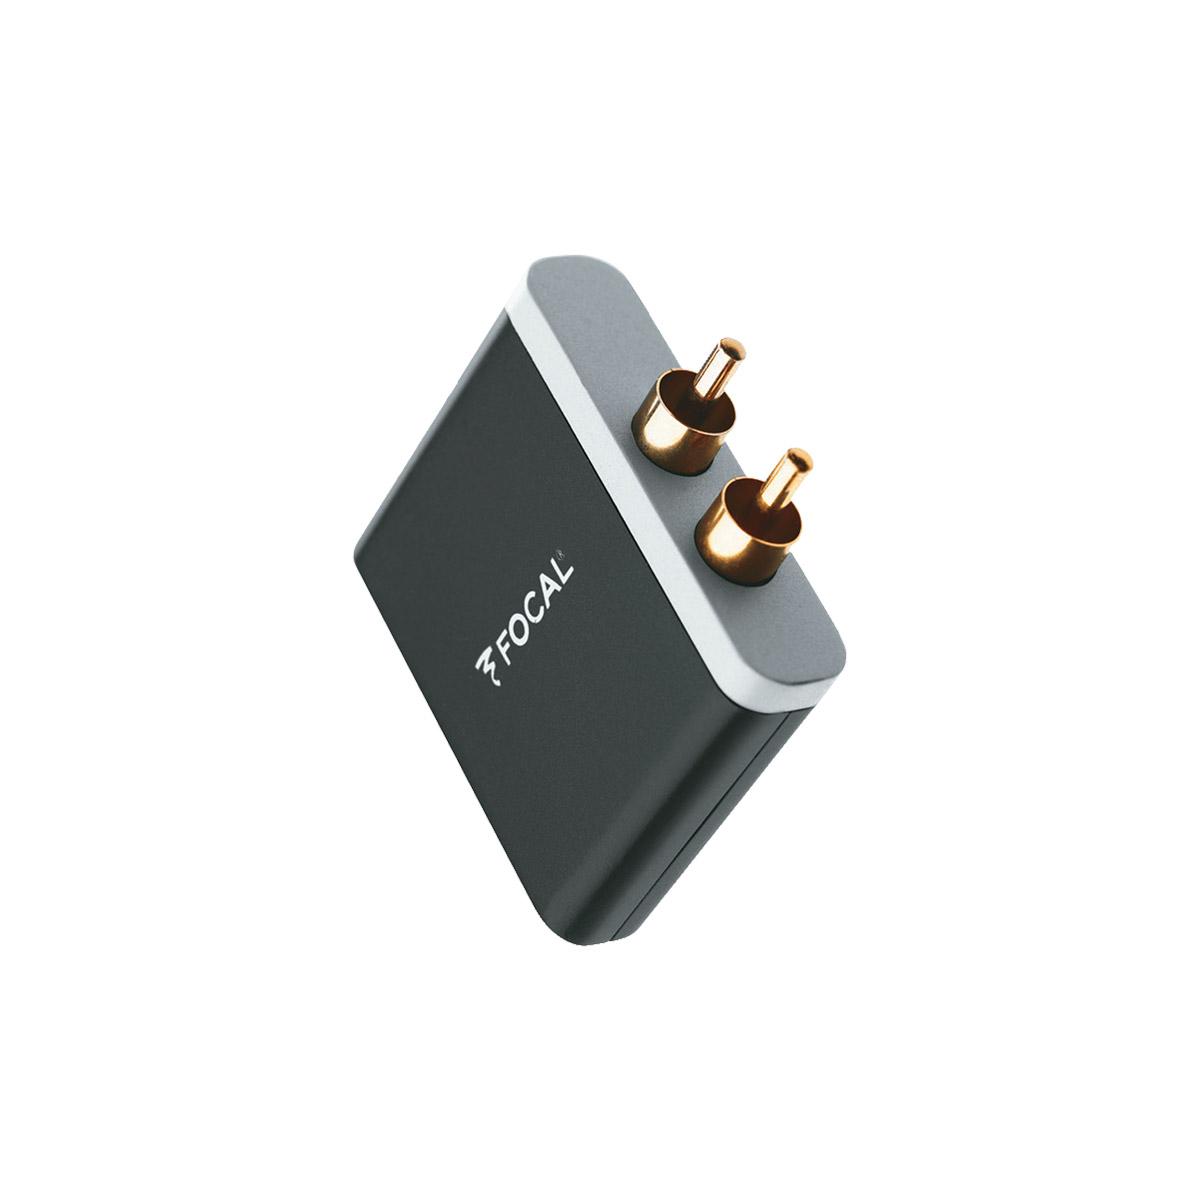 Universal Wireless Receiver aptX